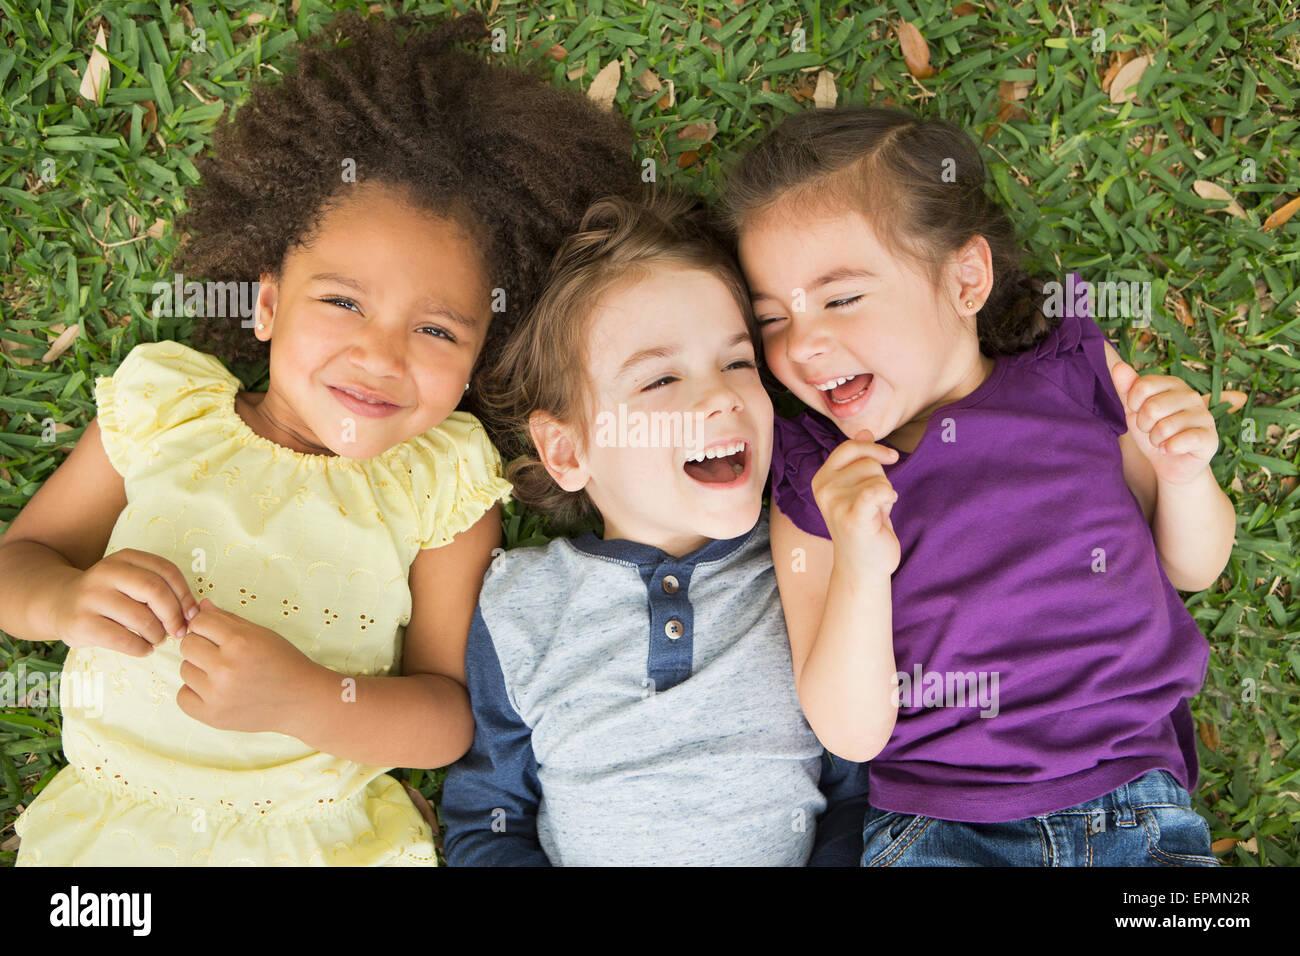 Drei Kinder auf dem Rücken im Gras liegend, nachschlagen und lachen. Stockbild